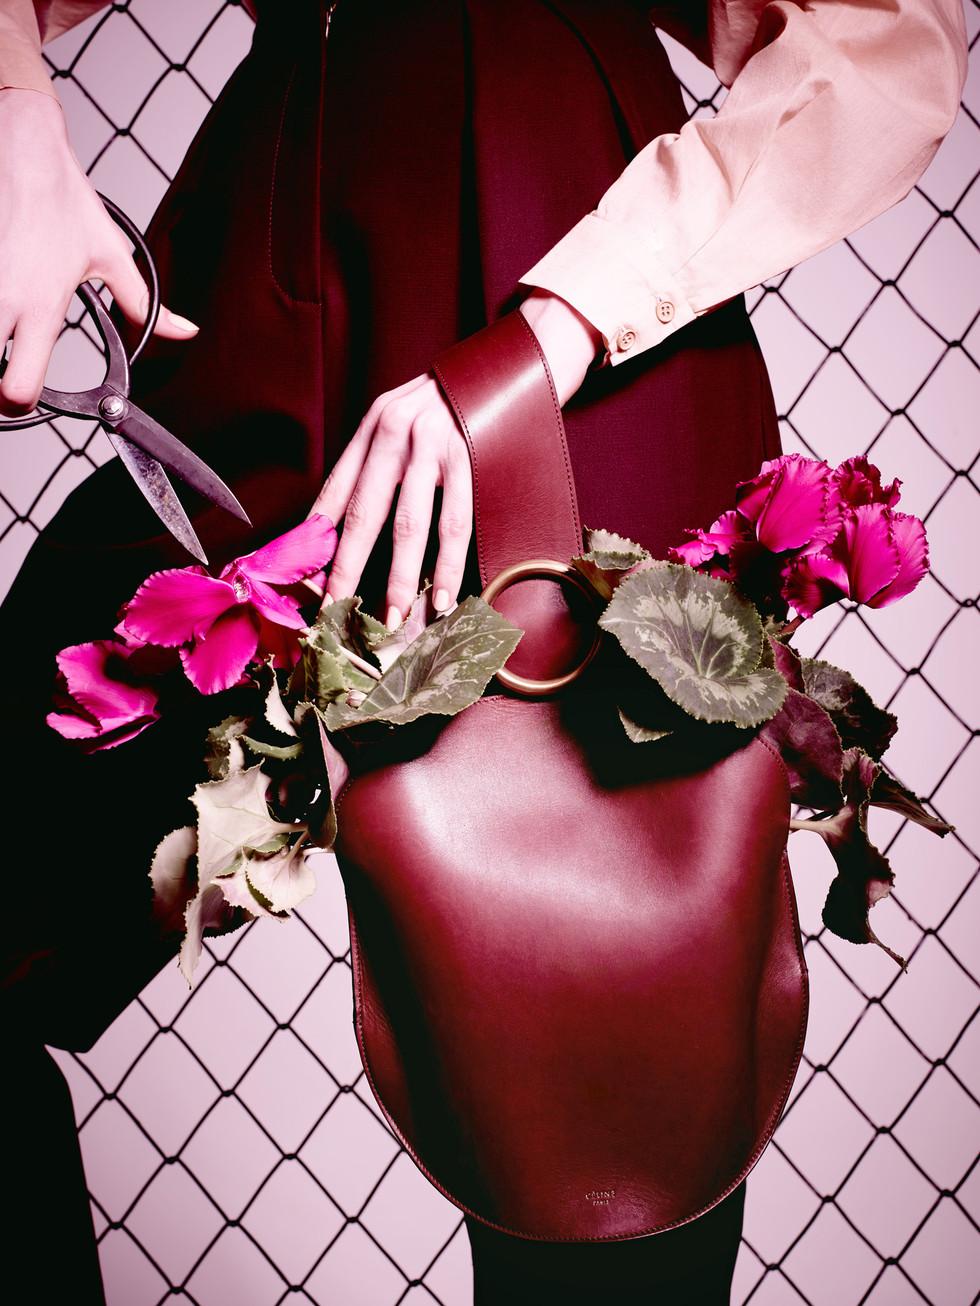 2015_Vogue_Bags&flowers43508.jpg